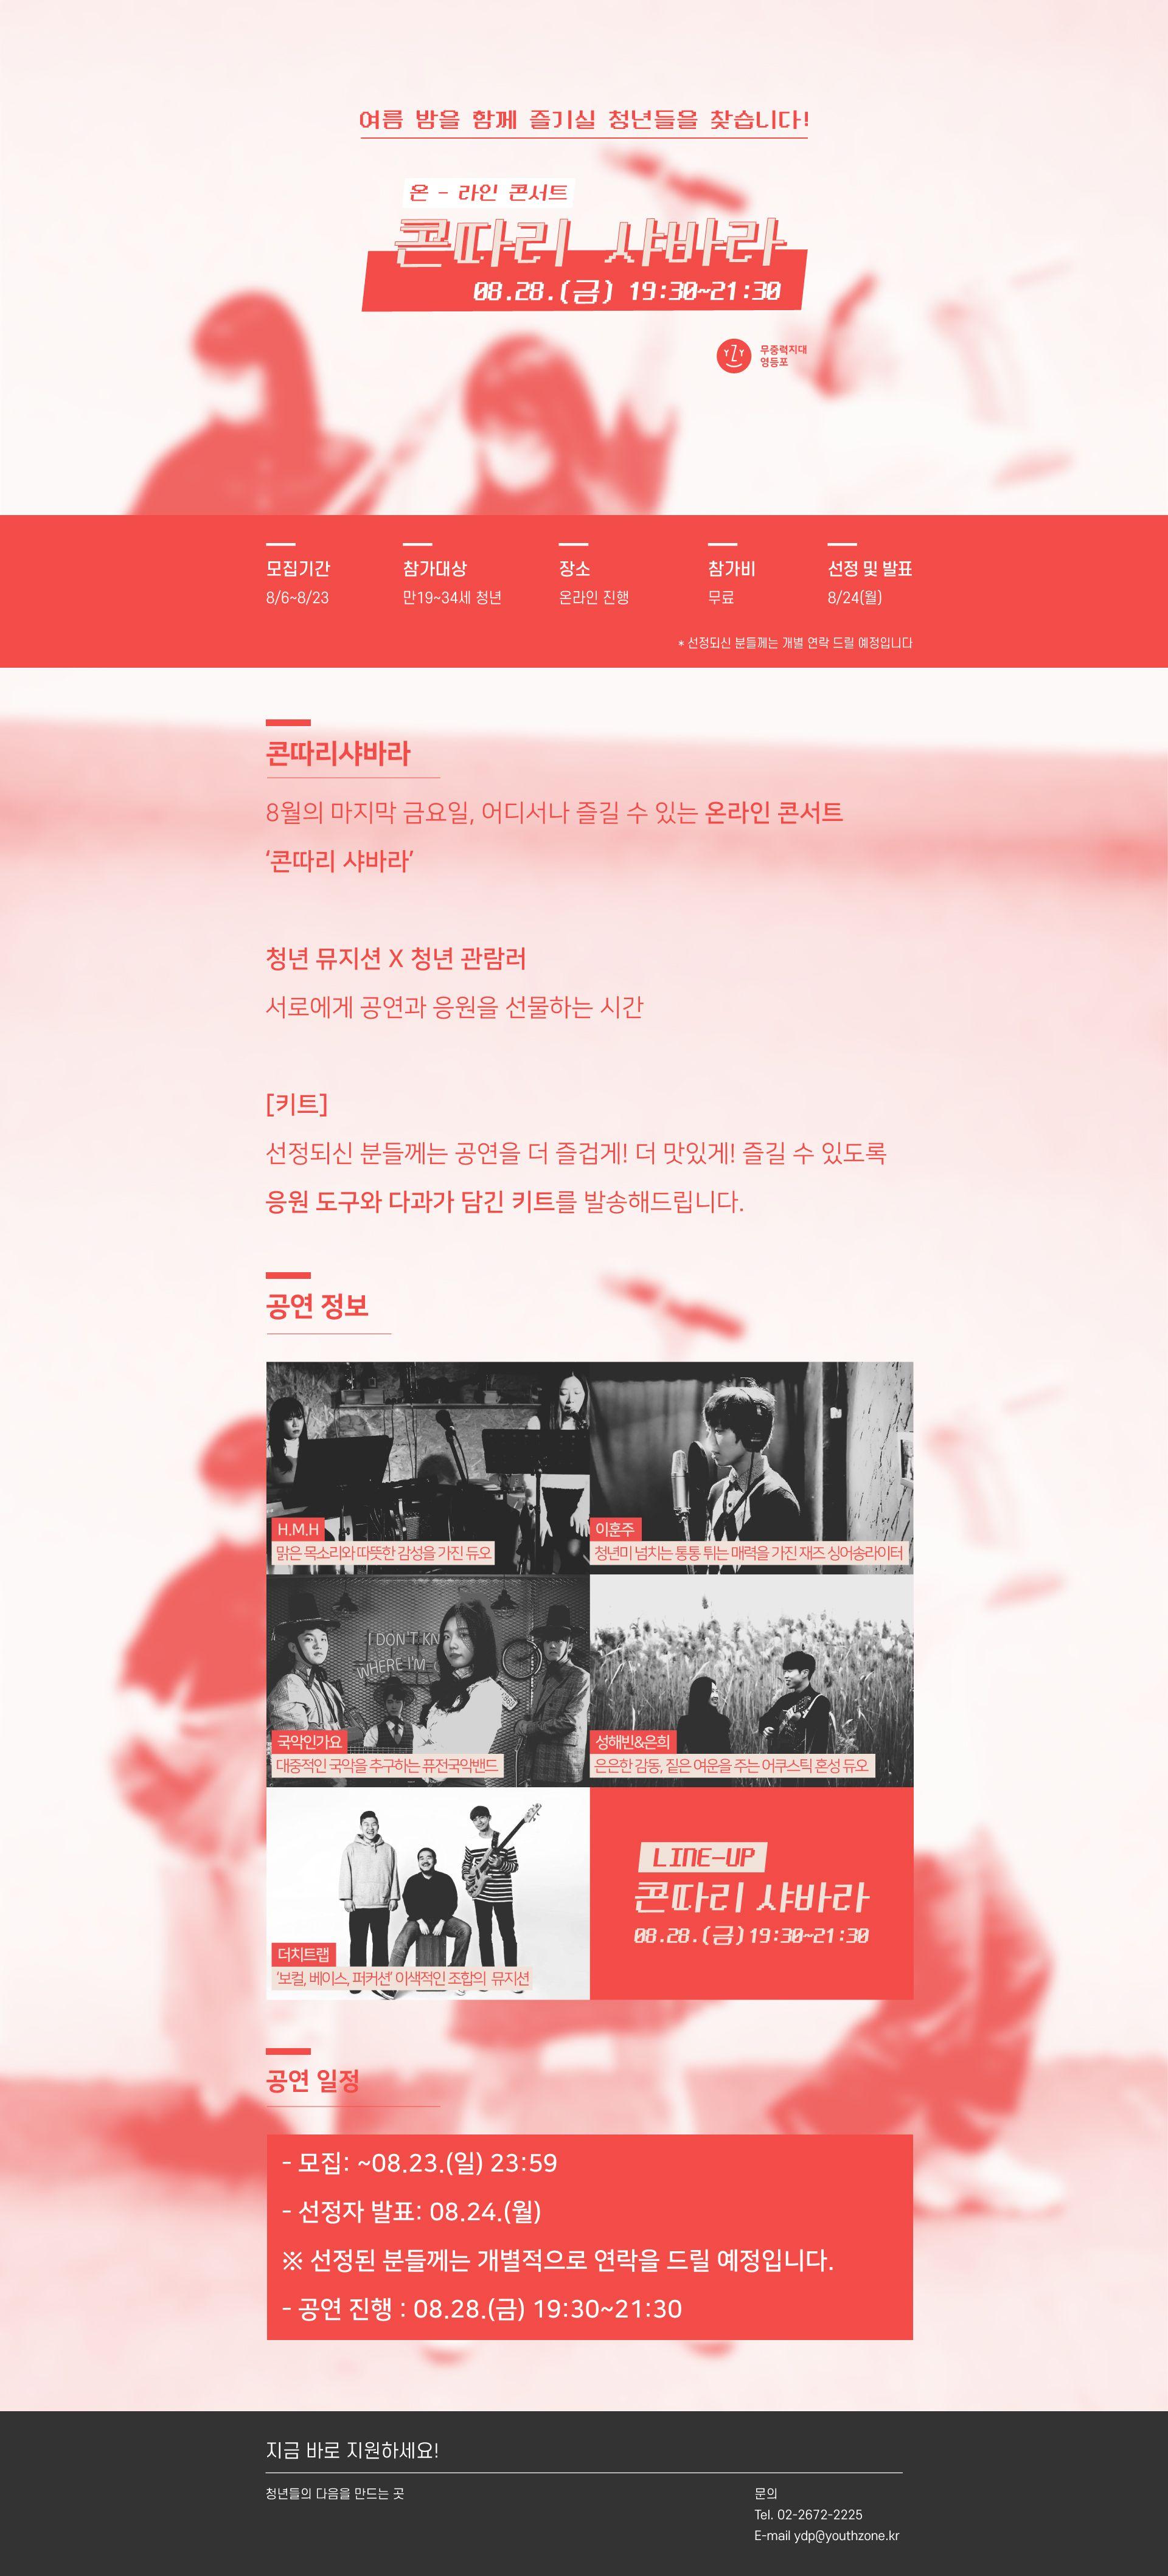 온라인 콘서트 '콘따리 샤바라' 참가자 모집